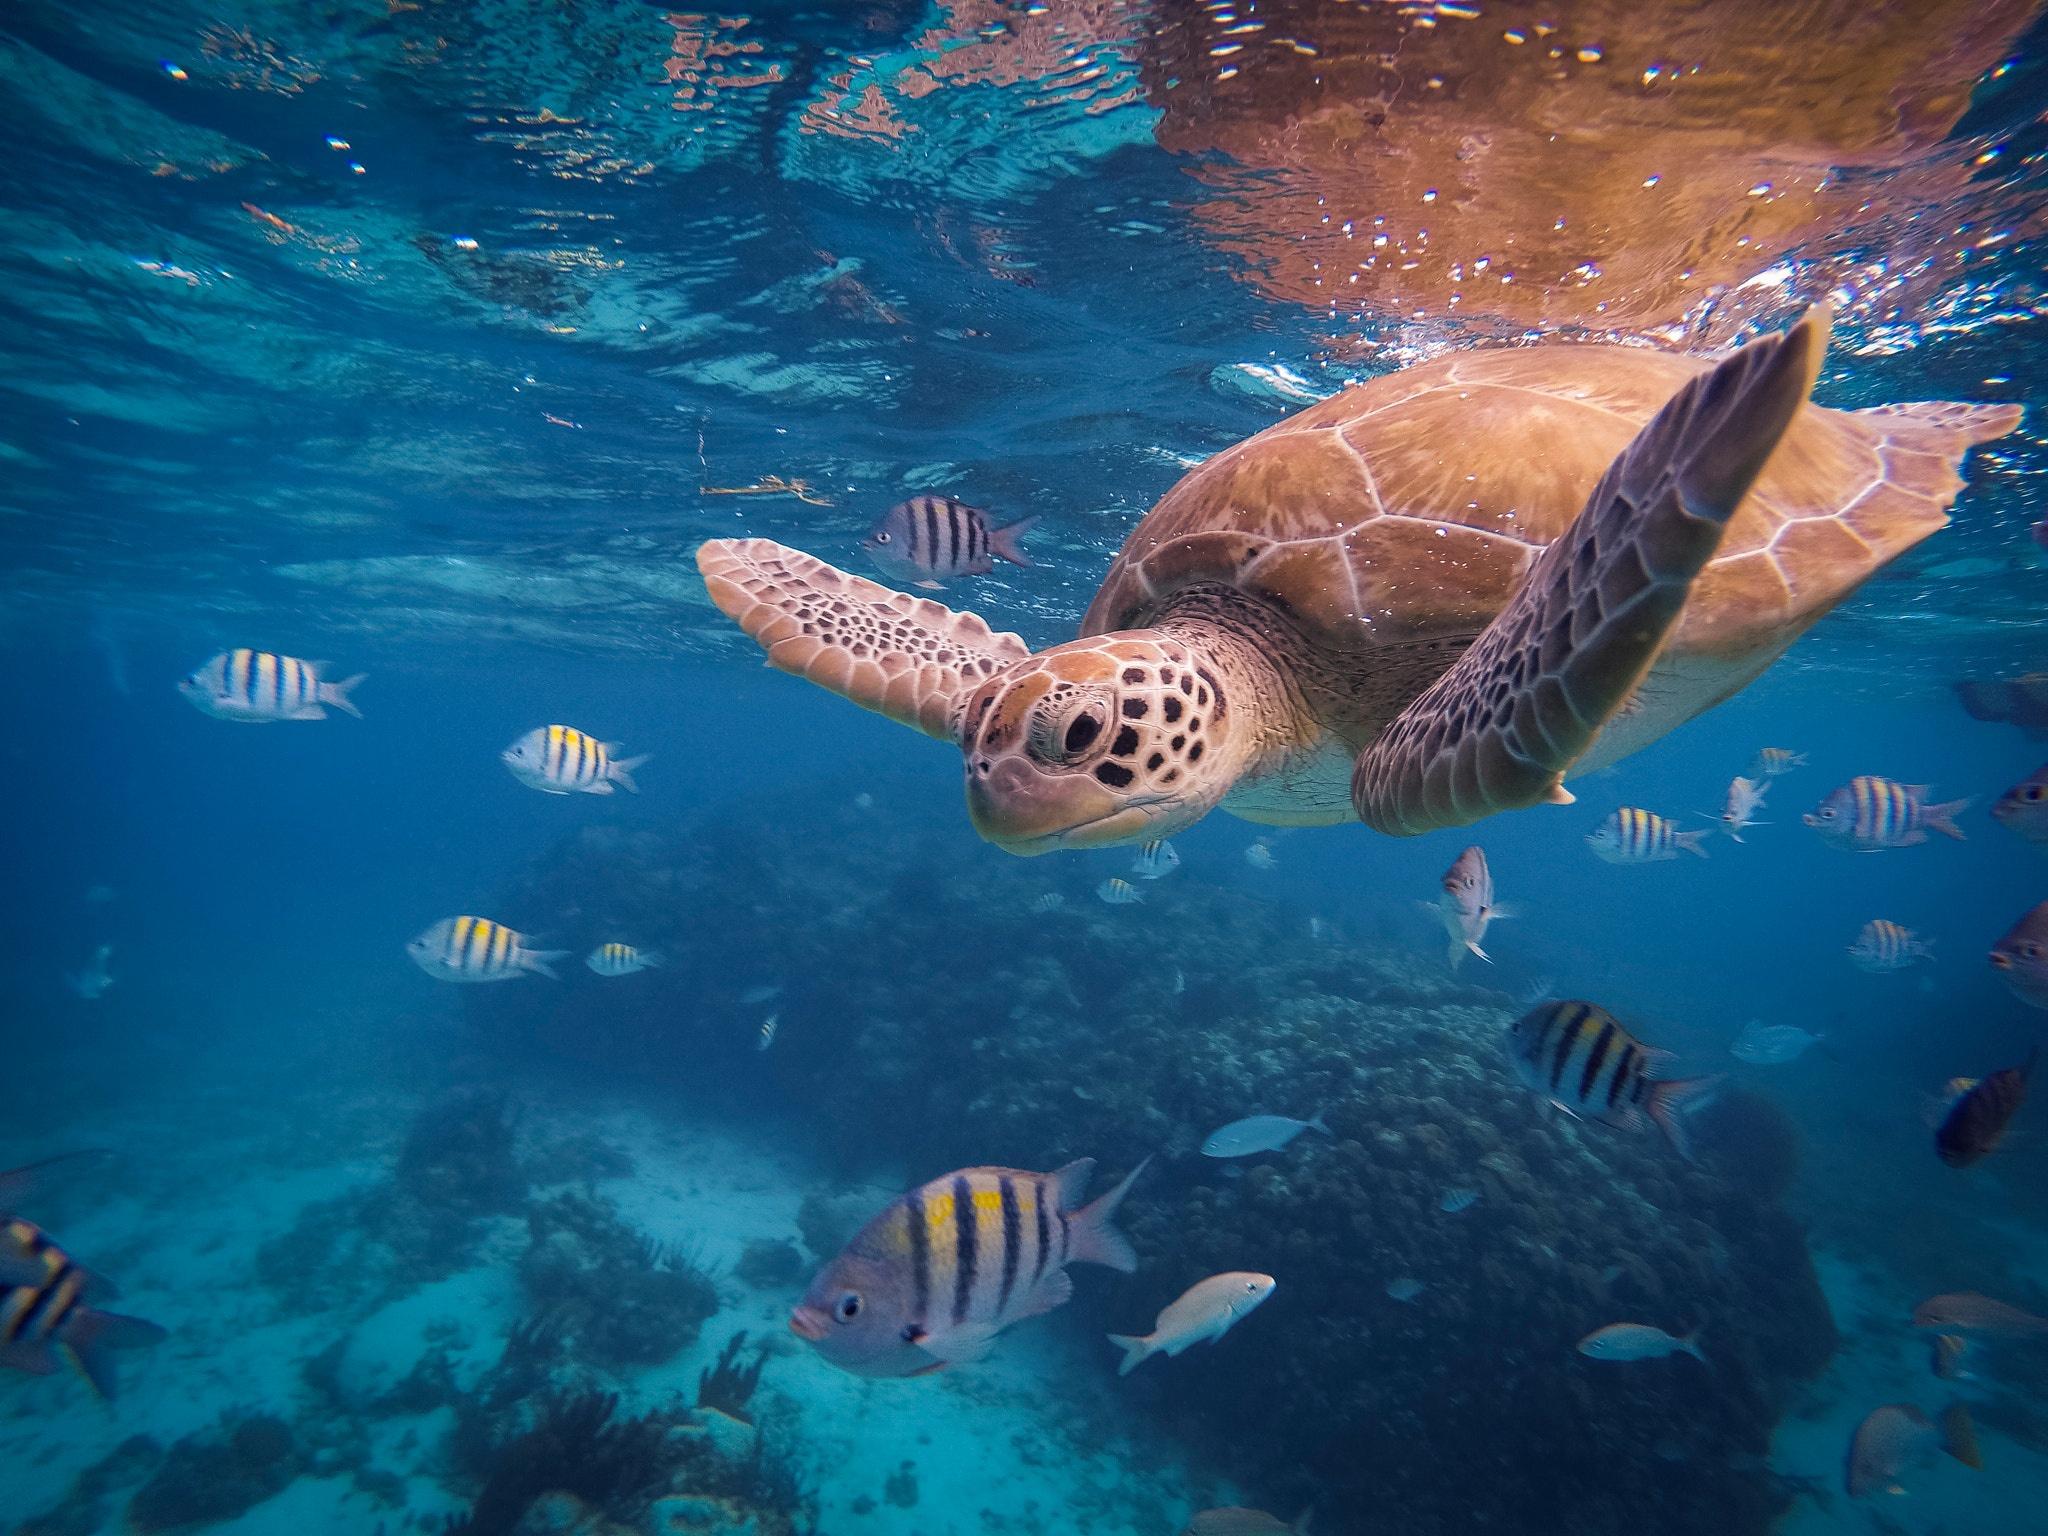 мореное дерево фото океана под водой ситуации возможны, даже